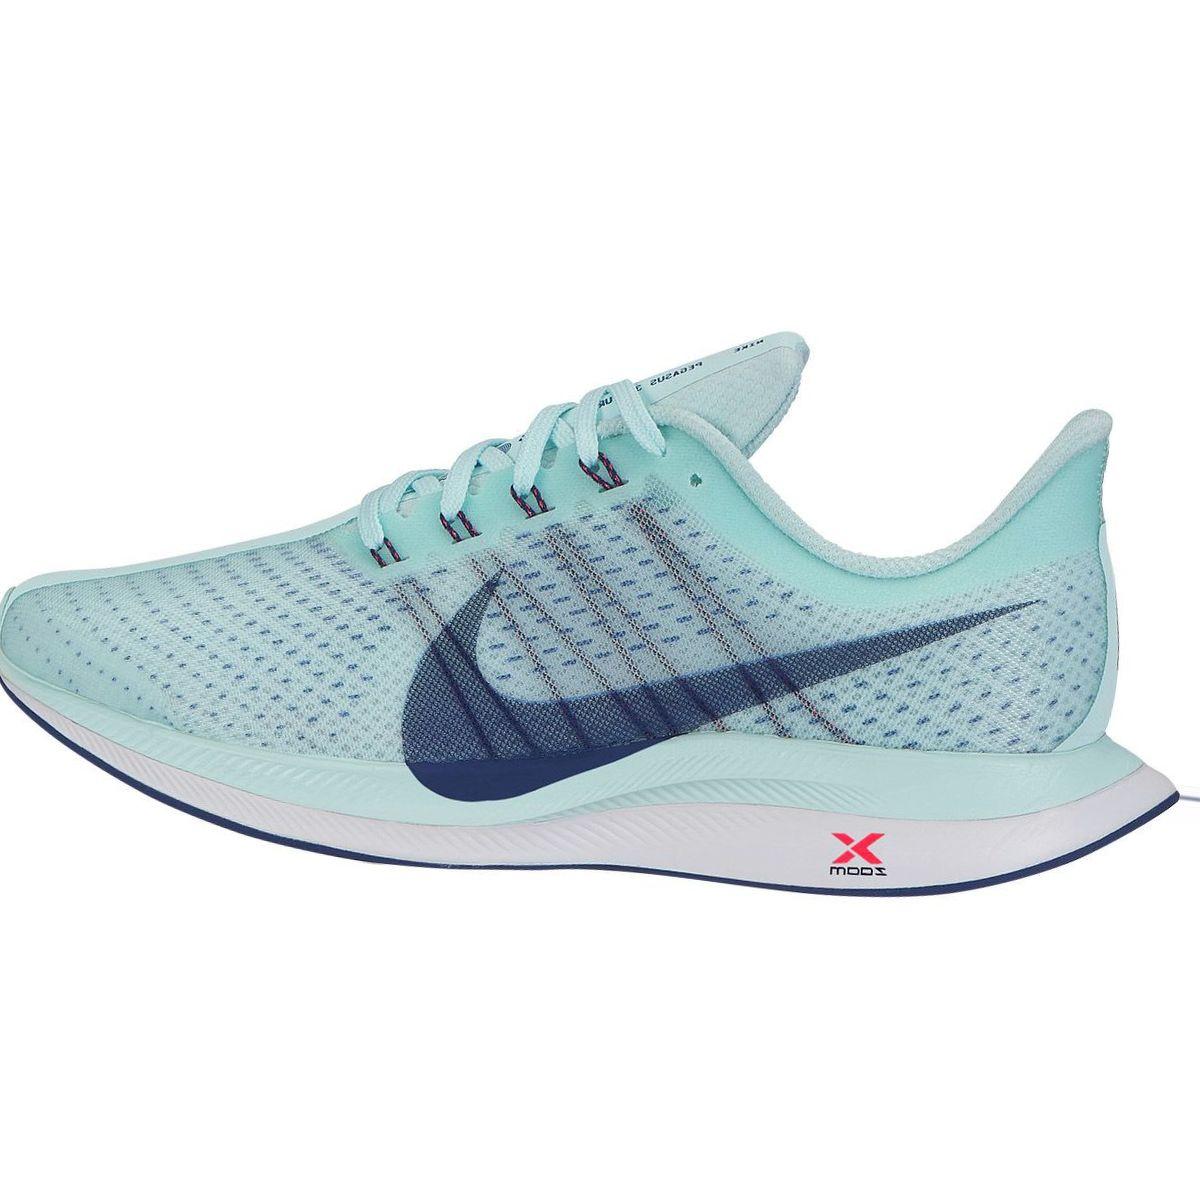 Nike Zoom Pegasus 35 Turbo Running Shoe - Women's